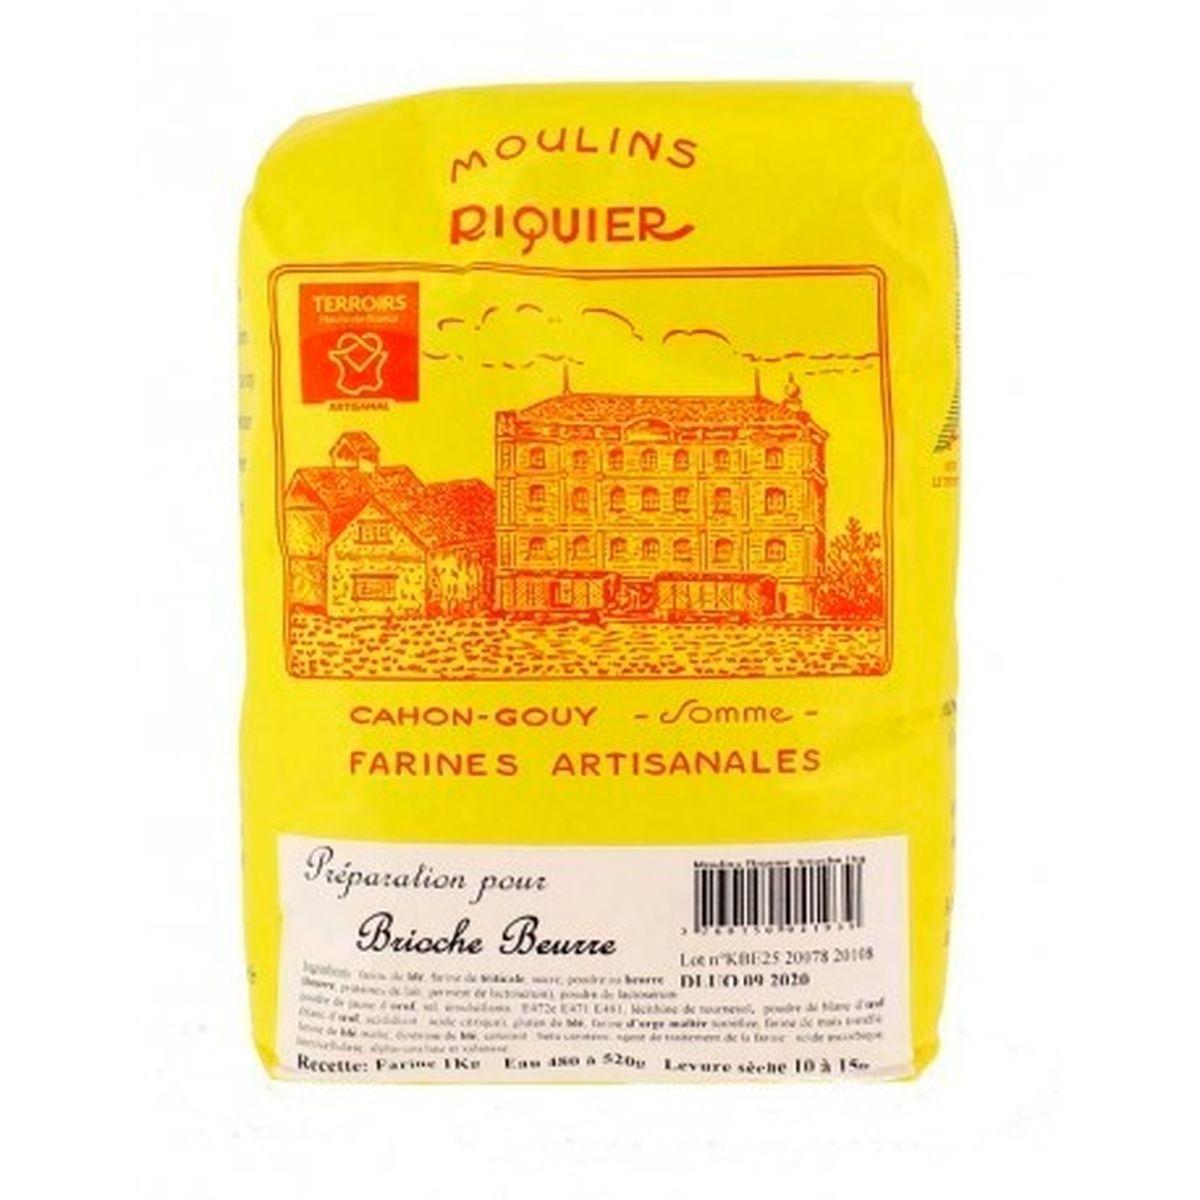 Préparation pour brioche au beurre 1 kg - Moulins Riquier